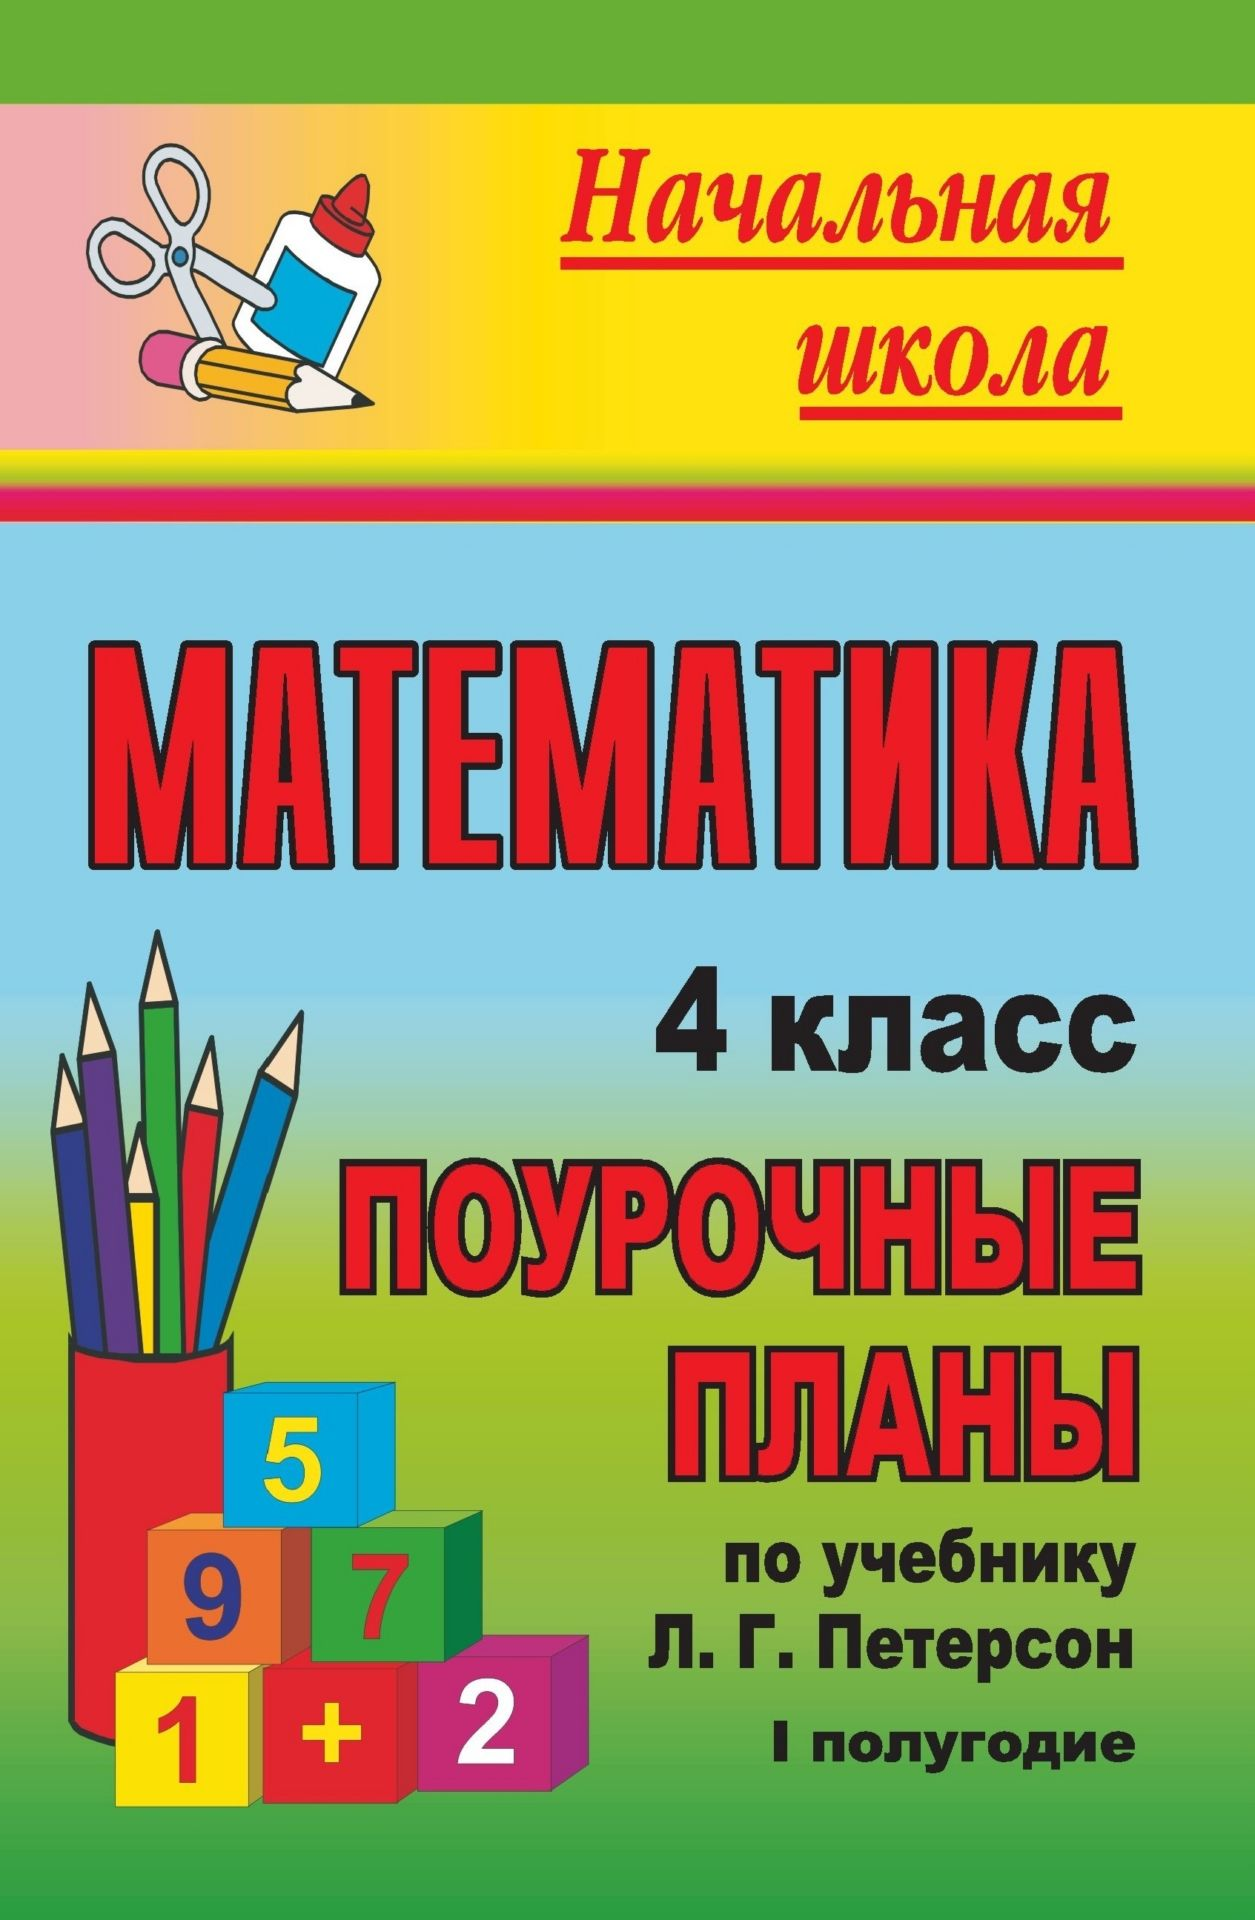 Математика. 4 класс: поурочные планы по учебнику Л. Г. Петерсон. I полугодиеПредметы<br>В пособии представлены поурочные разработки, составленные в соответствии с учебником-тетрадью Математика для 4 класса (М.: Ювента, 2007), утвержденным Министерством образования и науки по образовательной системе Школа 2100.Пособие поможет учителям нач...<br><br>Авторы: Бут Т. В.<br>Год: 2009<br>Серия: Начальная школа<br>ISBN: 978-5-7057-2006-4<br>Высота: 215<br>Ширина: 140<br>Толщина: 10